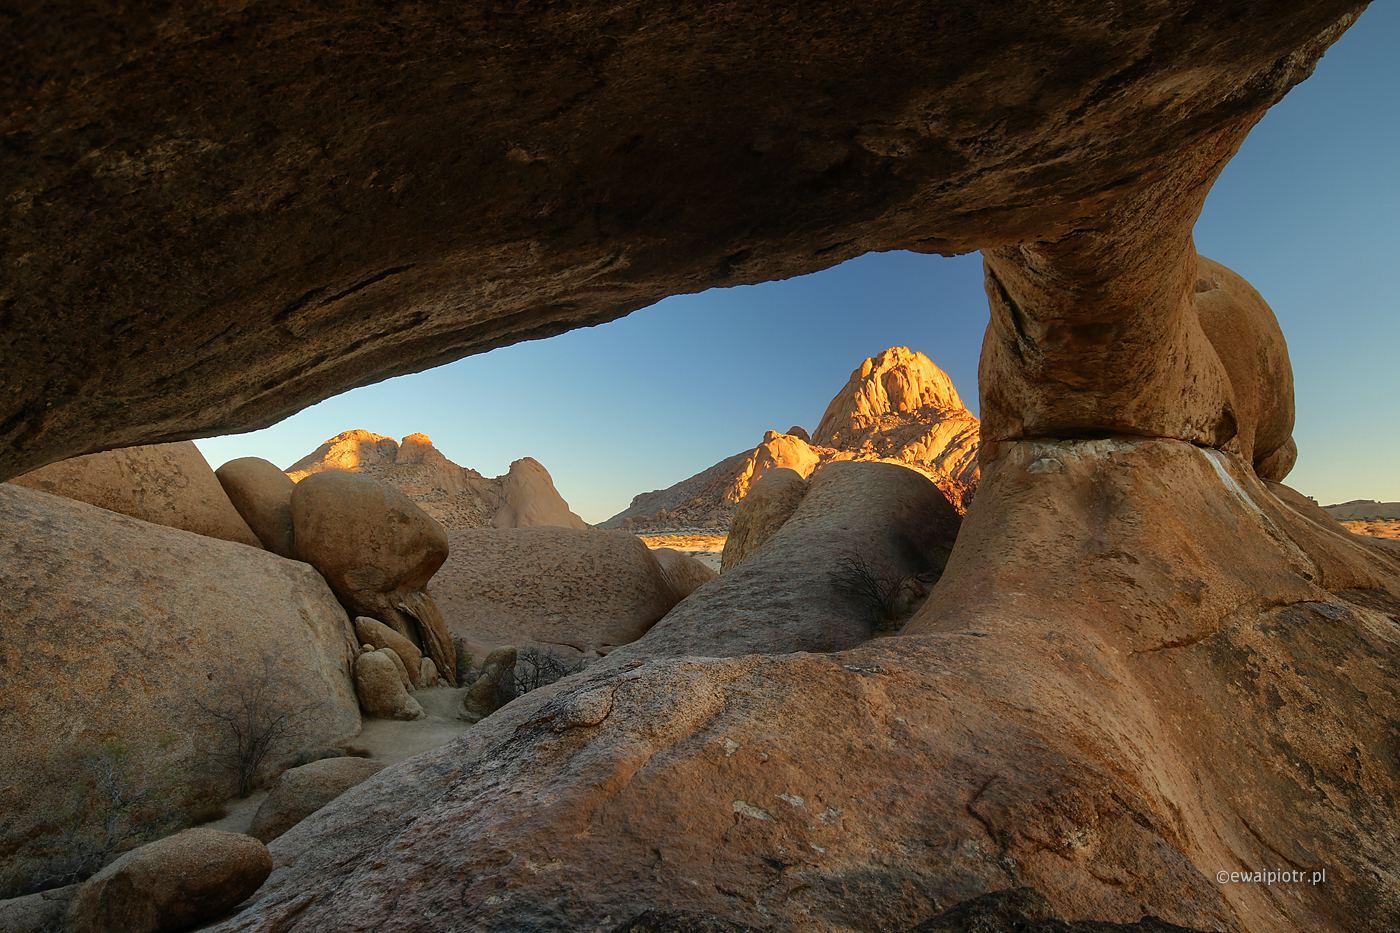 Łuki skalne Spitzkoppe, Namibia, wyprawy foto